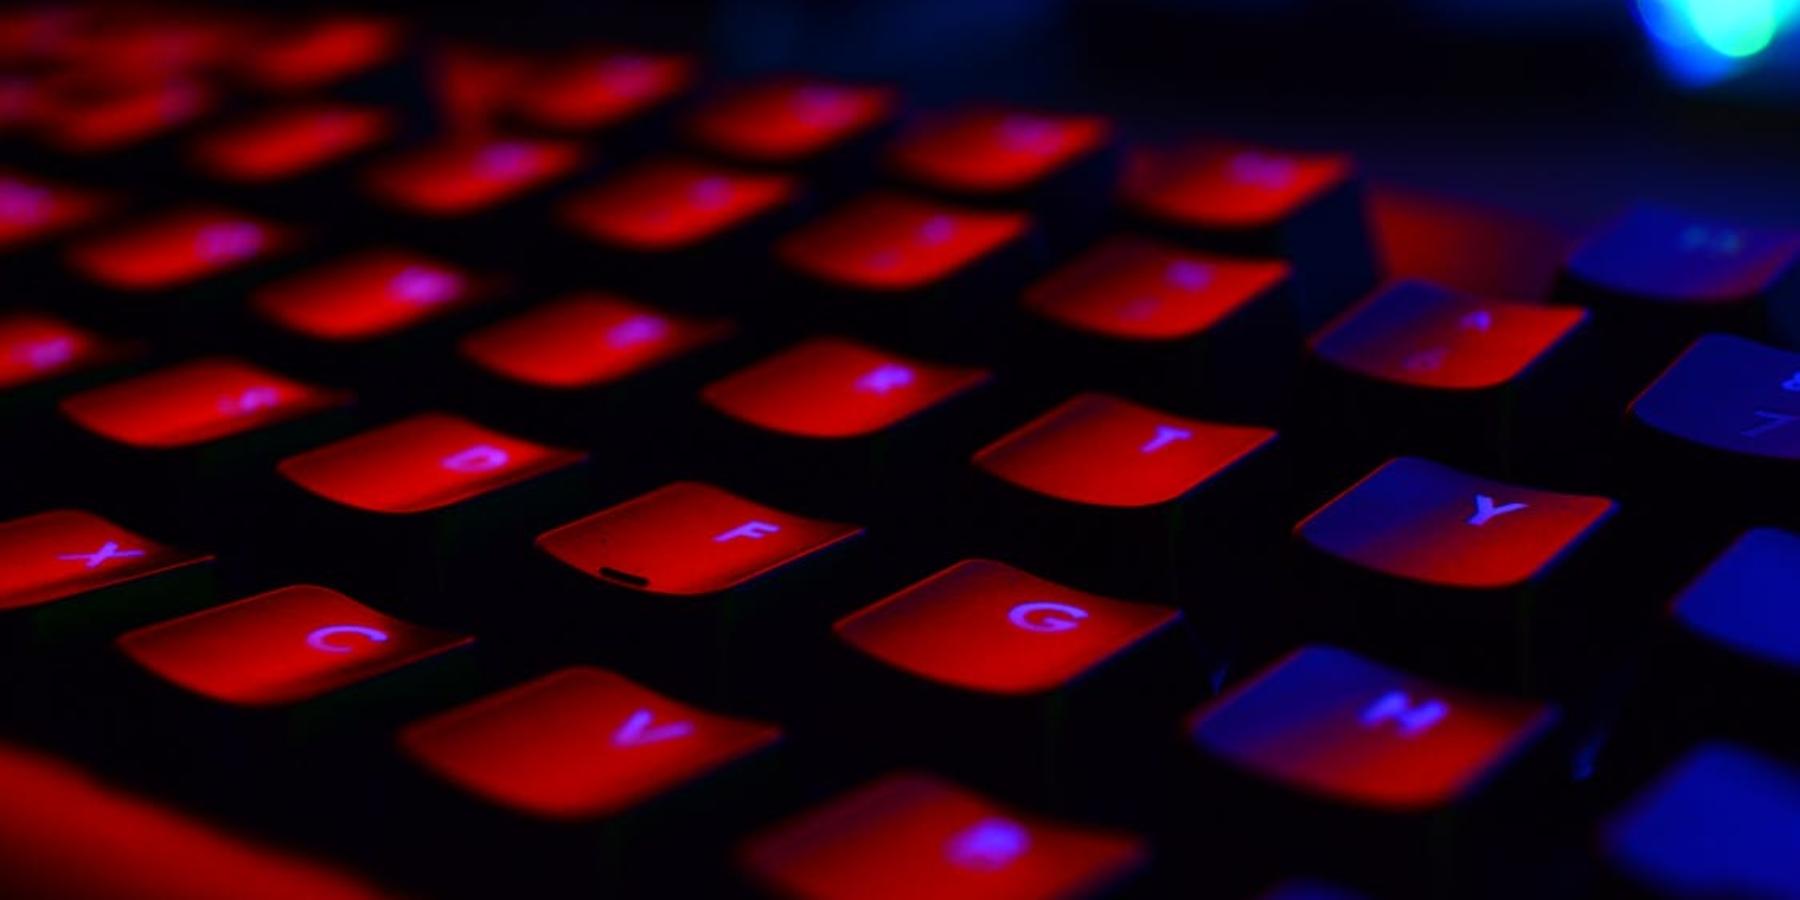 Firmy, które zajmują się cyberbezpieczeństwem wPolsce, aktóre warto znać